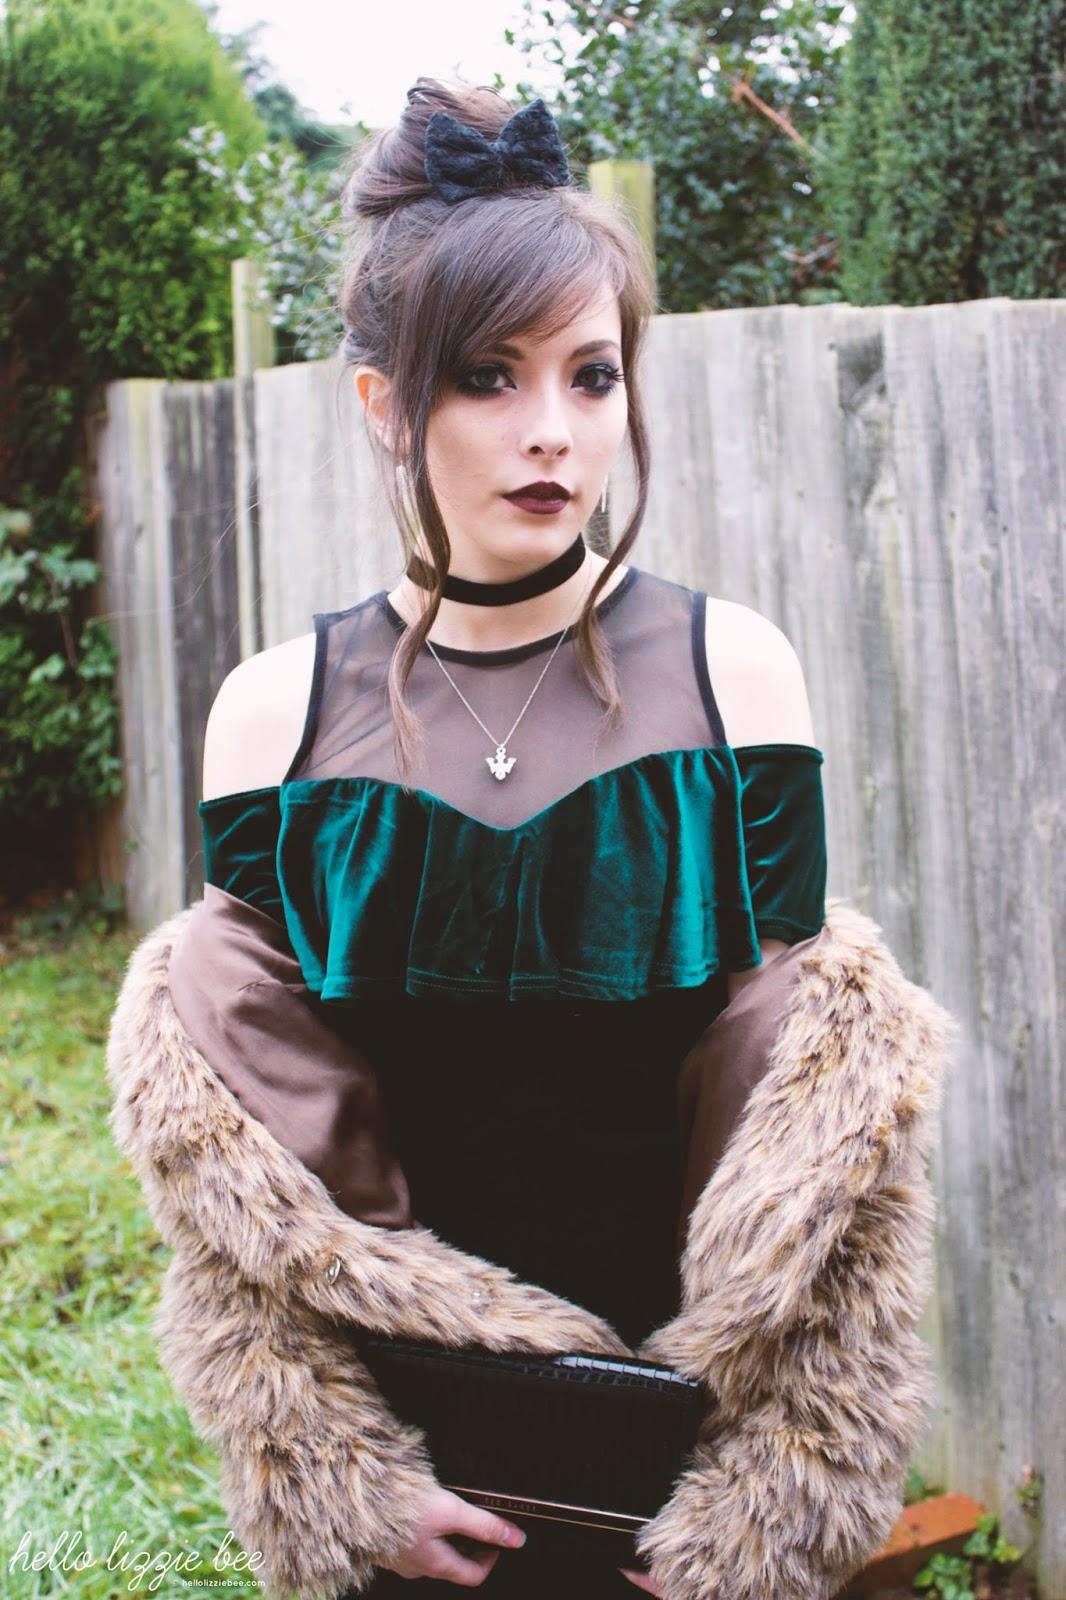 rokku gyaru, alternative fashion, goth fashion